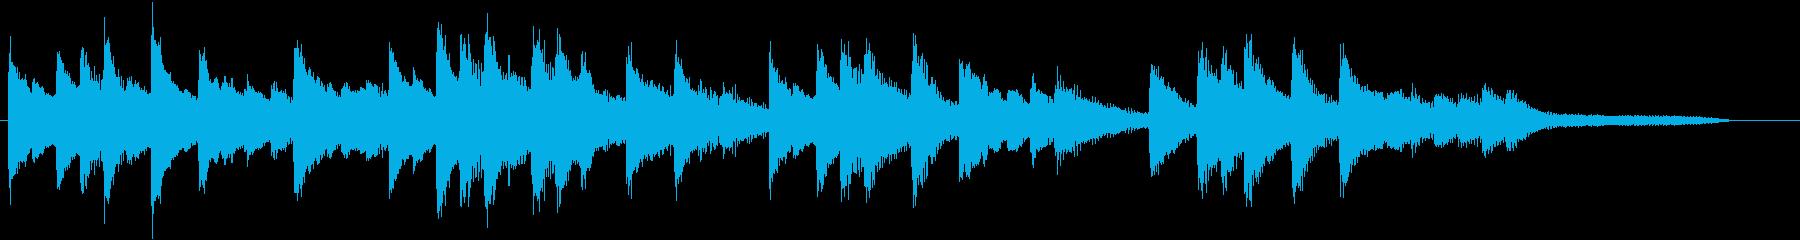 童謡・紅葉モチーフのピアノジングルDの再生済みの波形